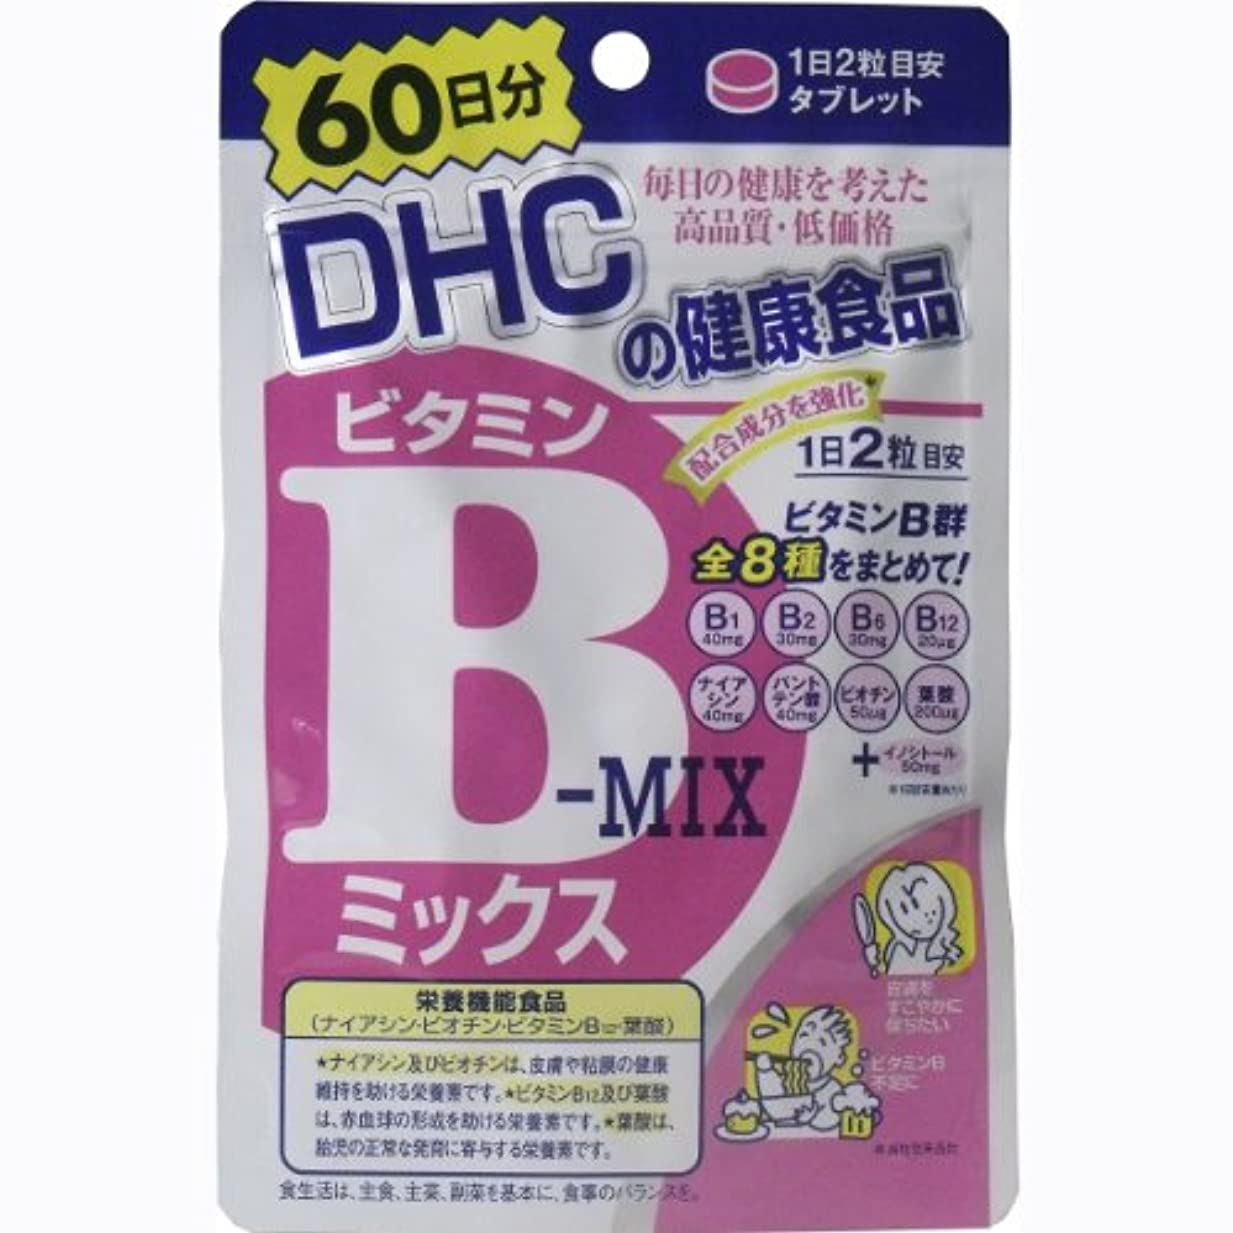 スポーツ落胆する限りDHC ビタミンBミックス 120粒 60日分【2個セット】